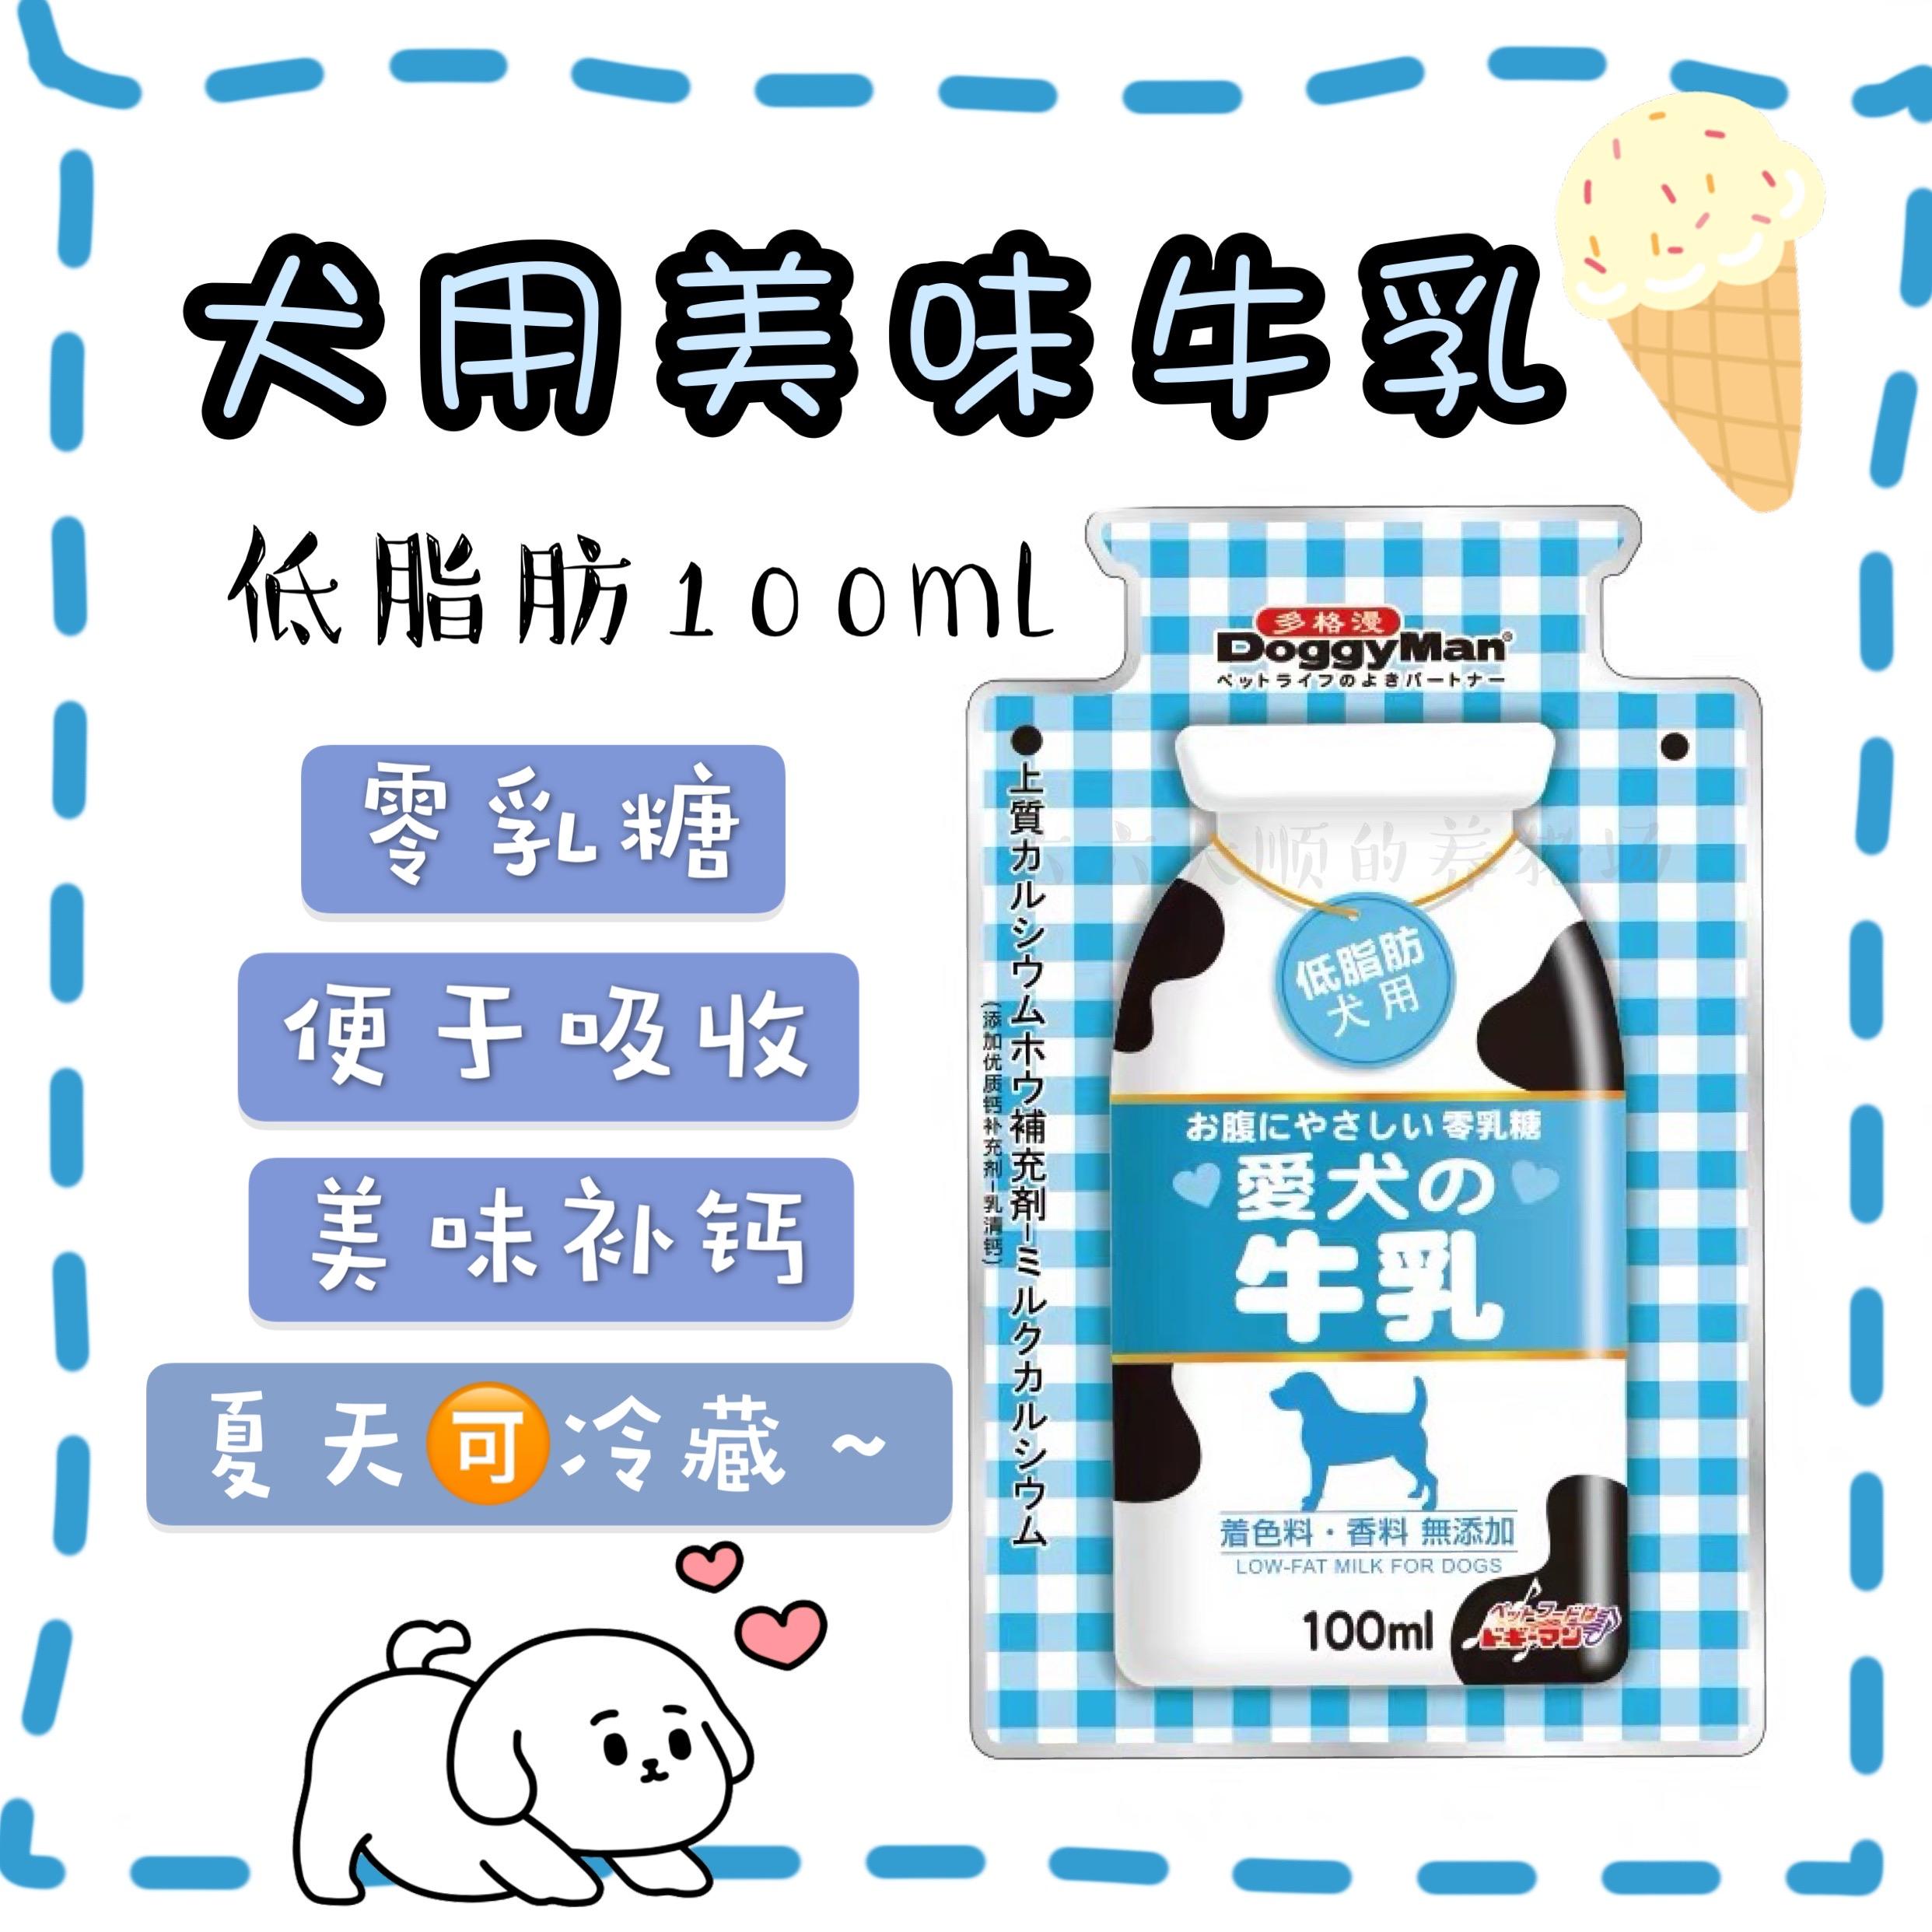 養豚場多格漫犬牛乳補充栄養カルシウムゼロ乳糖添加で一気に飲んでしまいました。